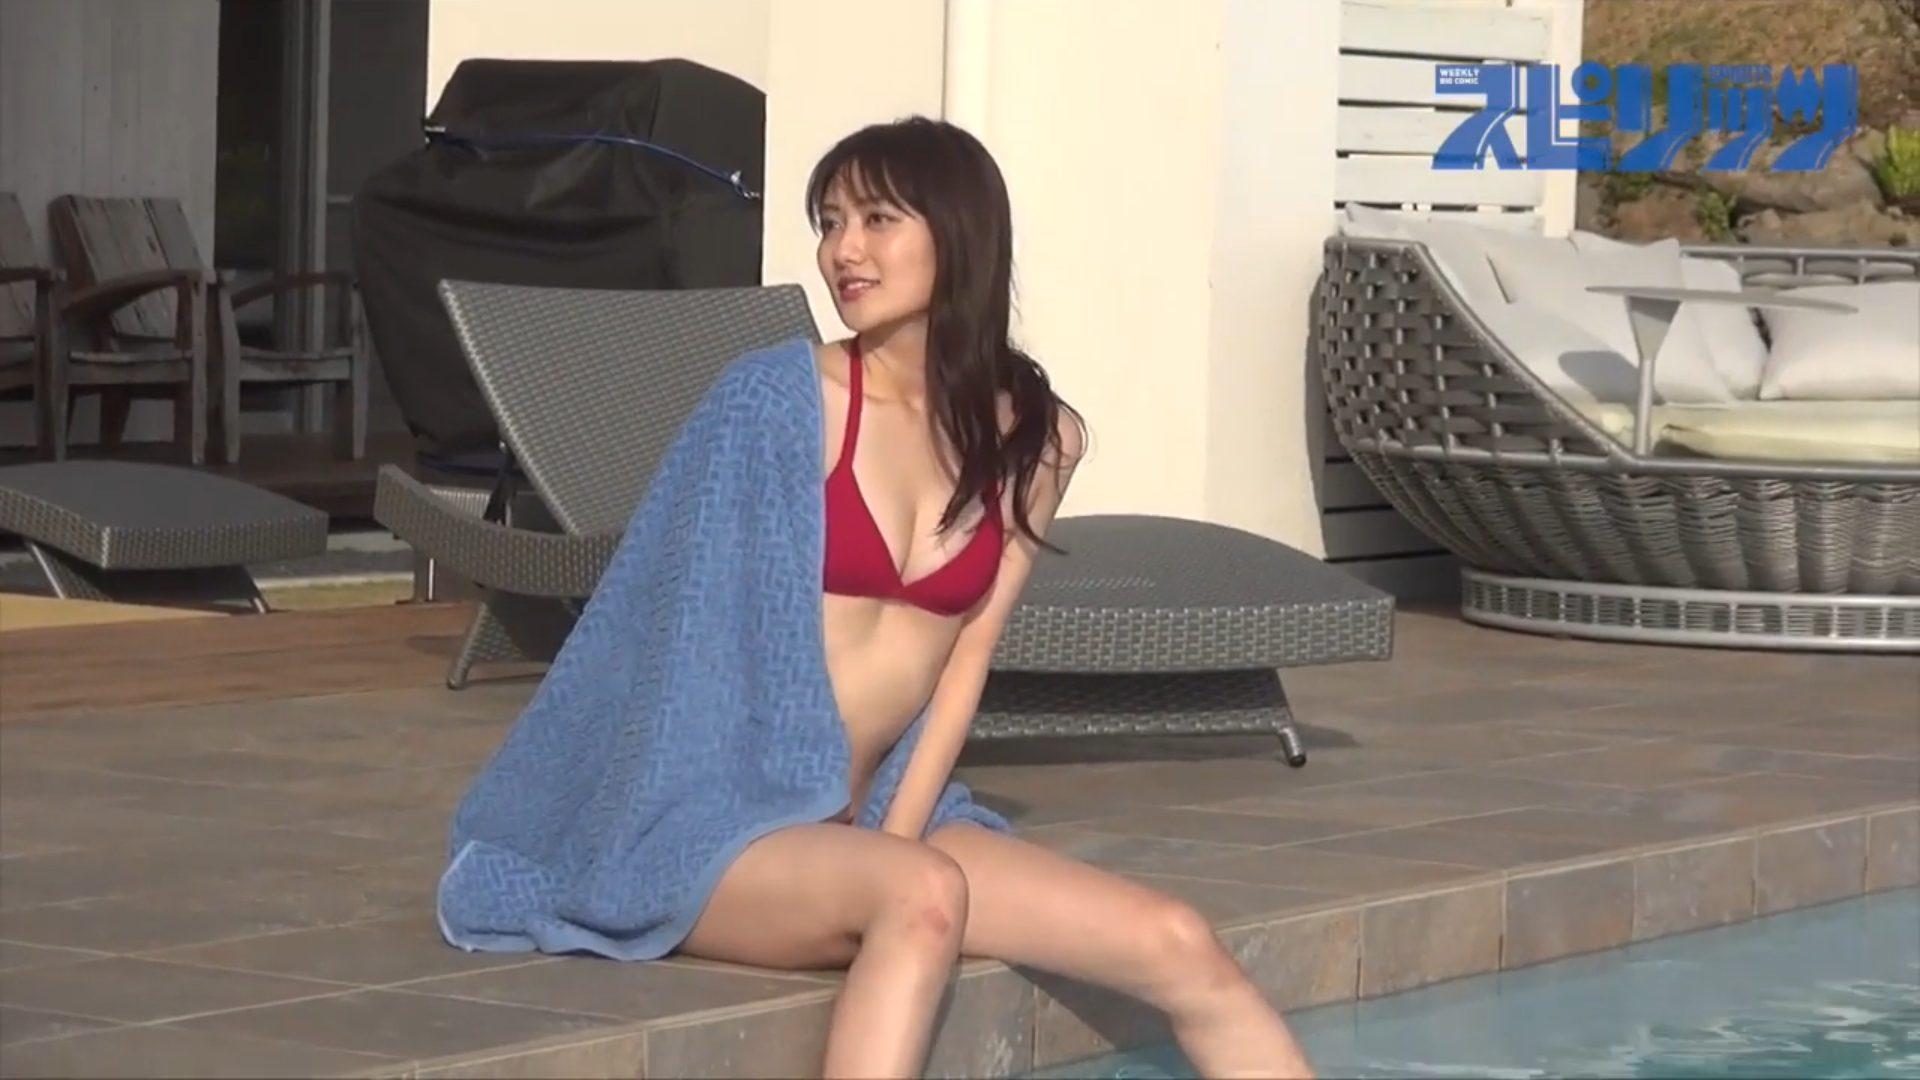 【奥山かずさ】-カップ6 ビッグコミックスピリッツ!動画!沖縄で水着姿を披露!